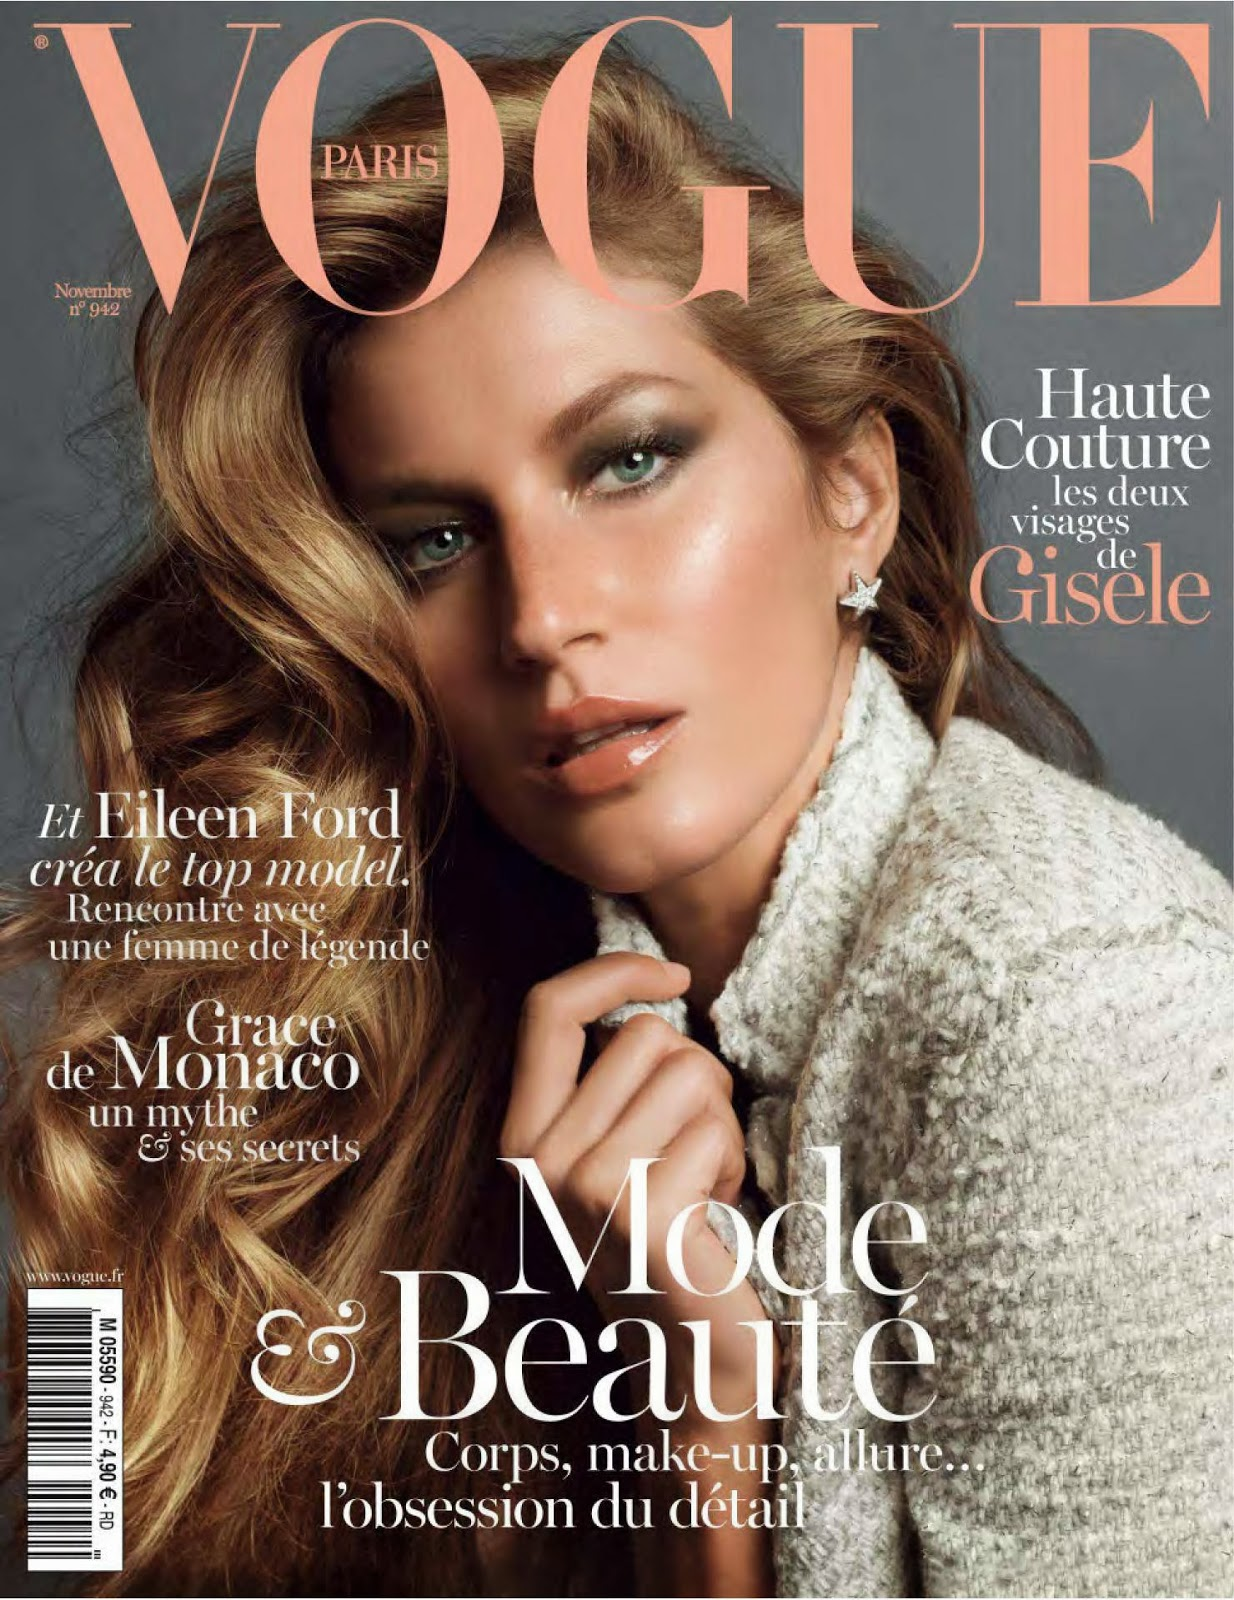 Vogue Magazine Subscription: Gisele Bundchen Vogue Paris Nov 2013 Magazine Hot Photos